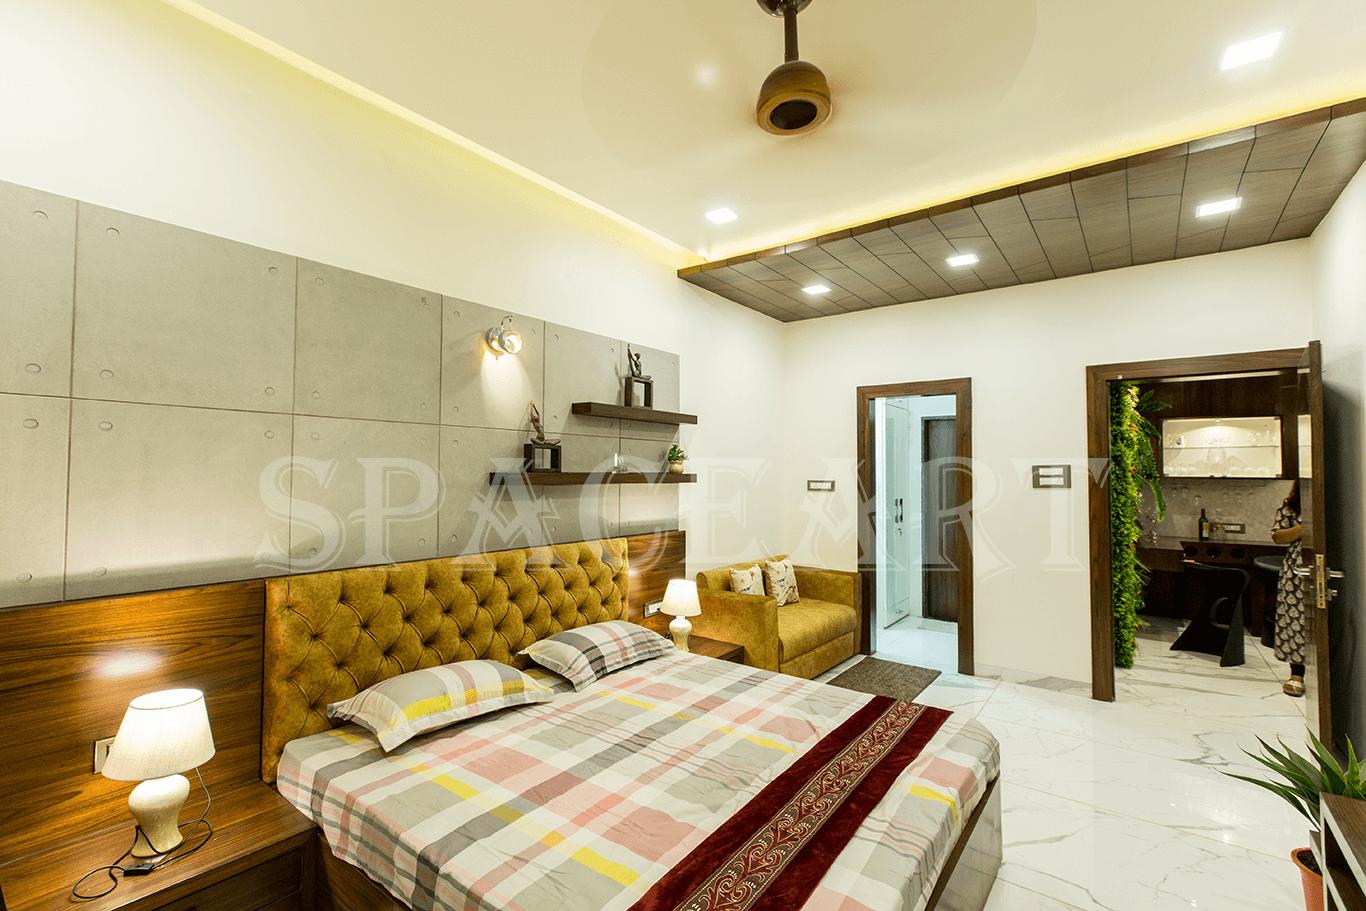 Kulshreshtha's Residence-Space-Art